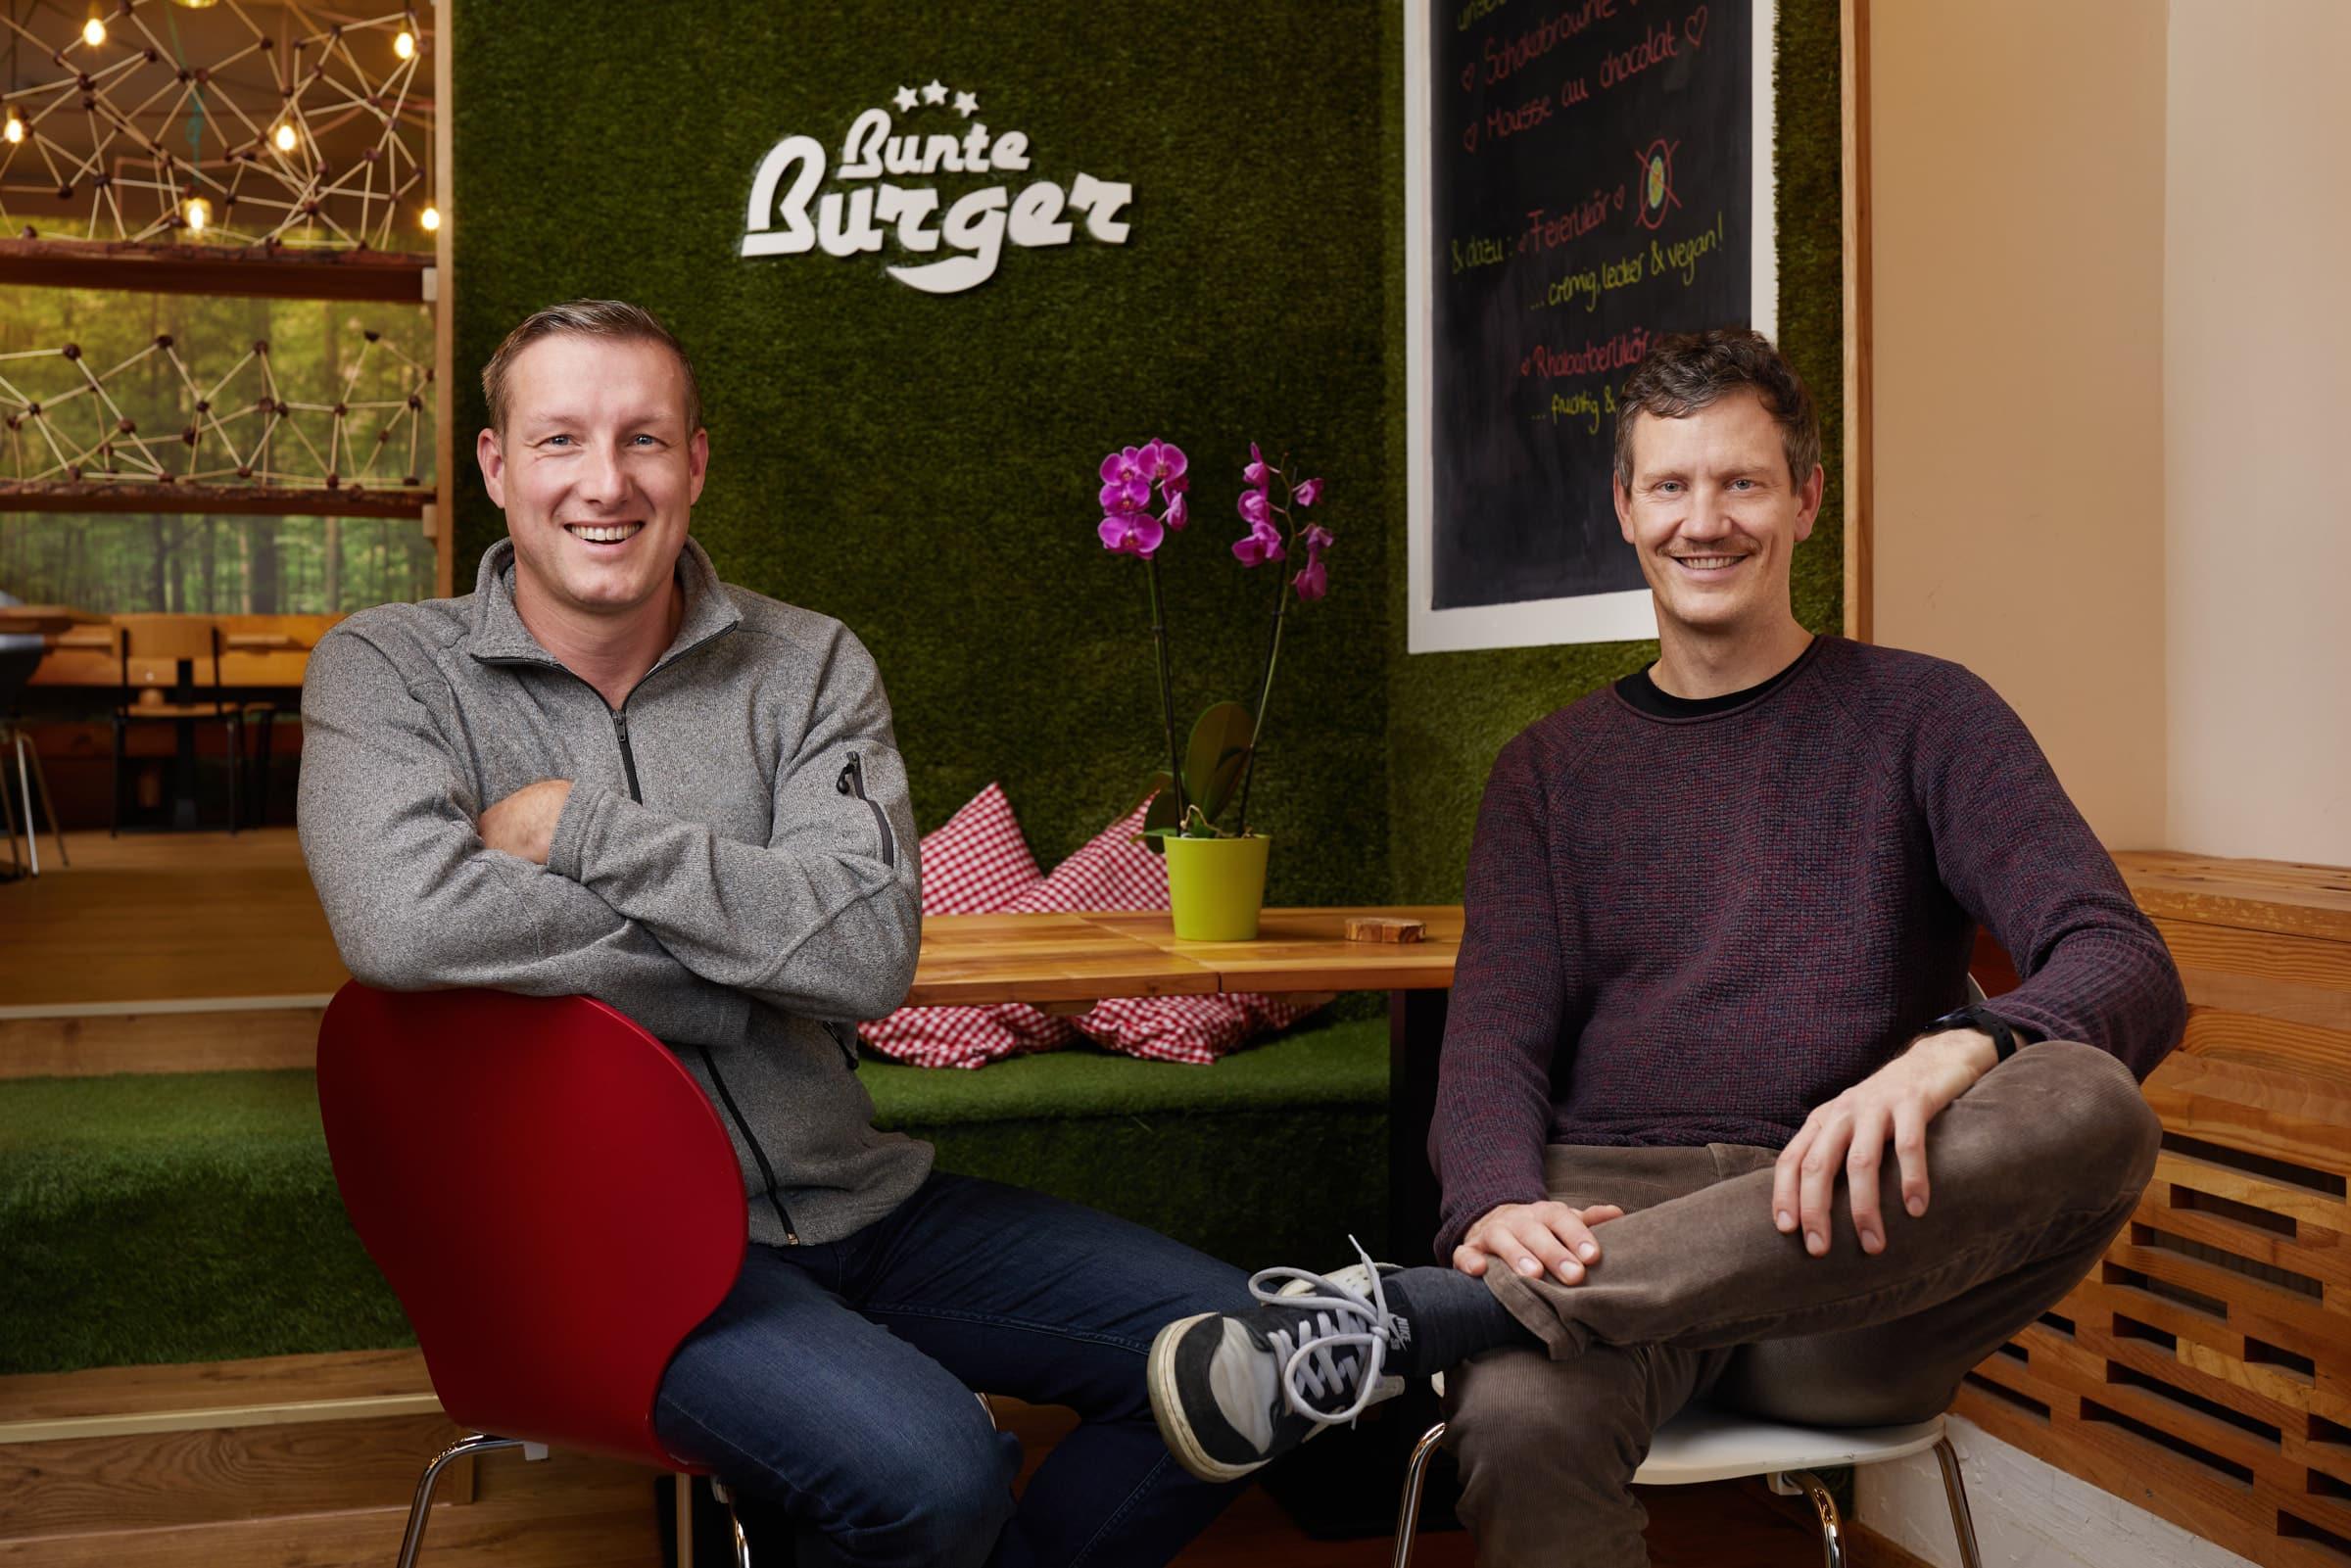 METRO Preis für nachhaltige Gastronomie 2020 geht an Bunte Burger